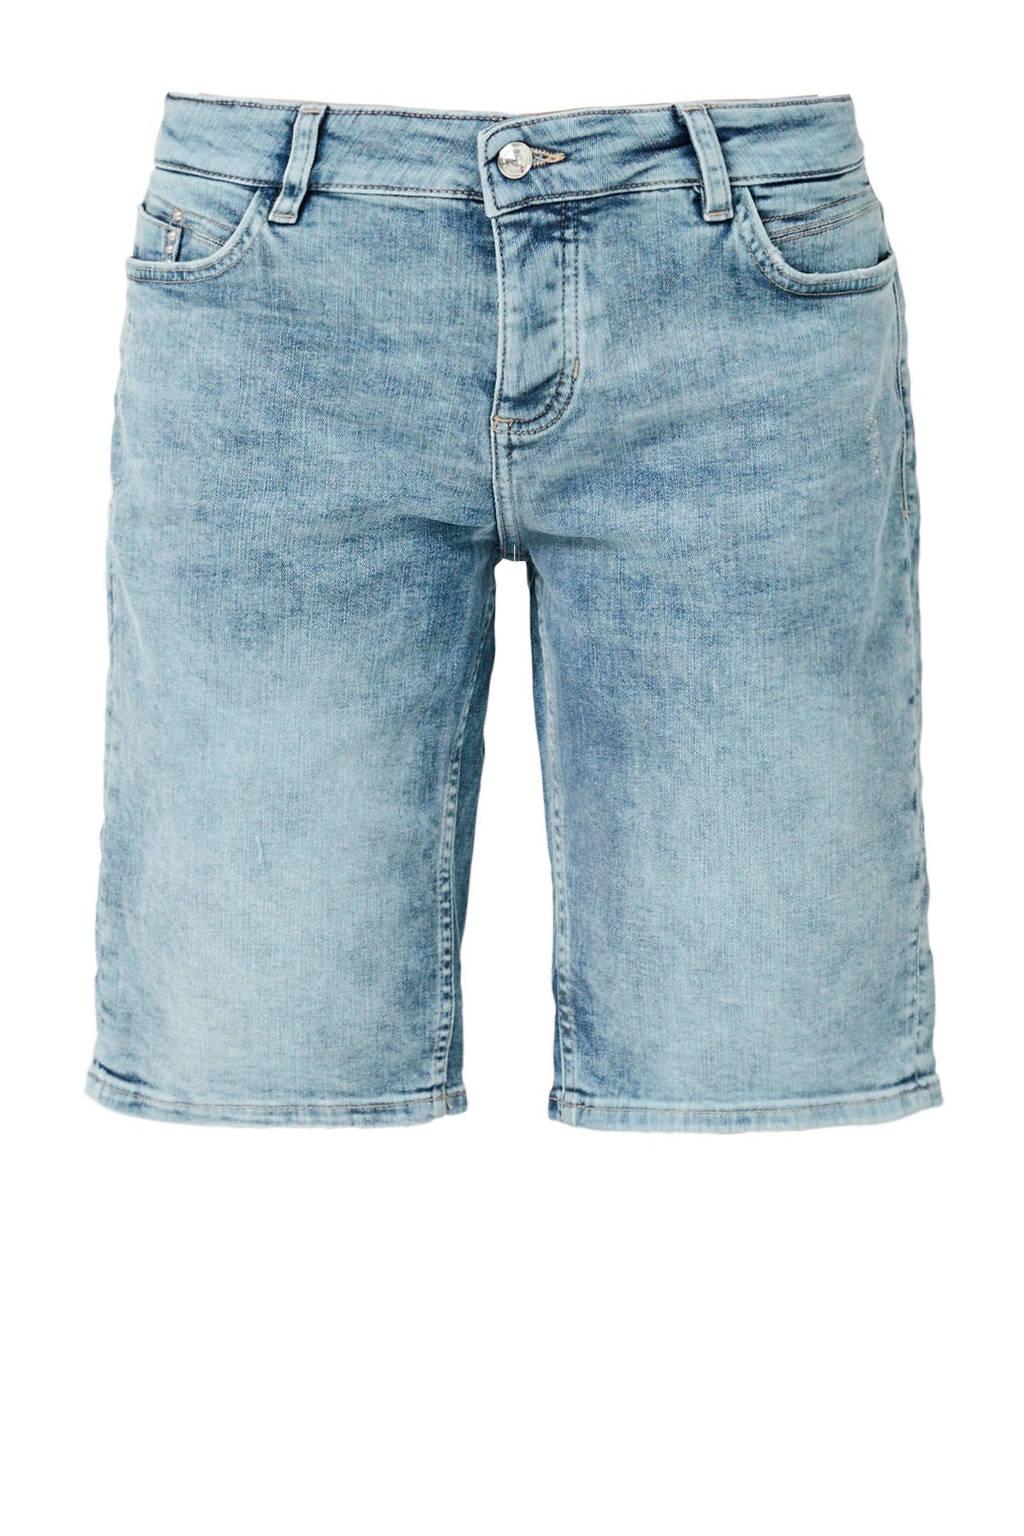 s.Oliver regular fit jeans short, Light denim